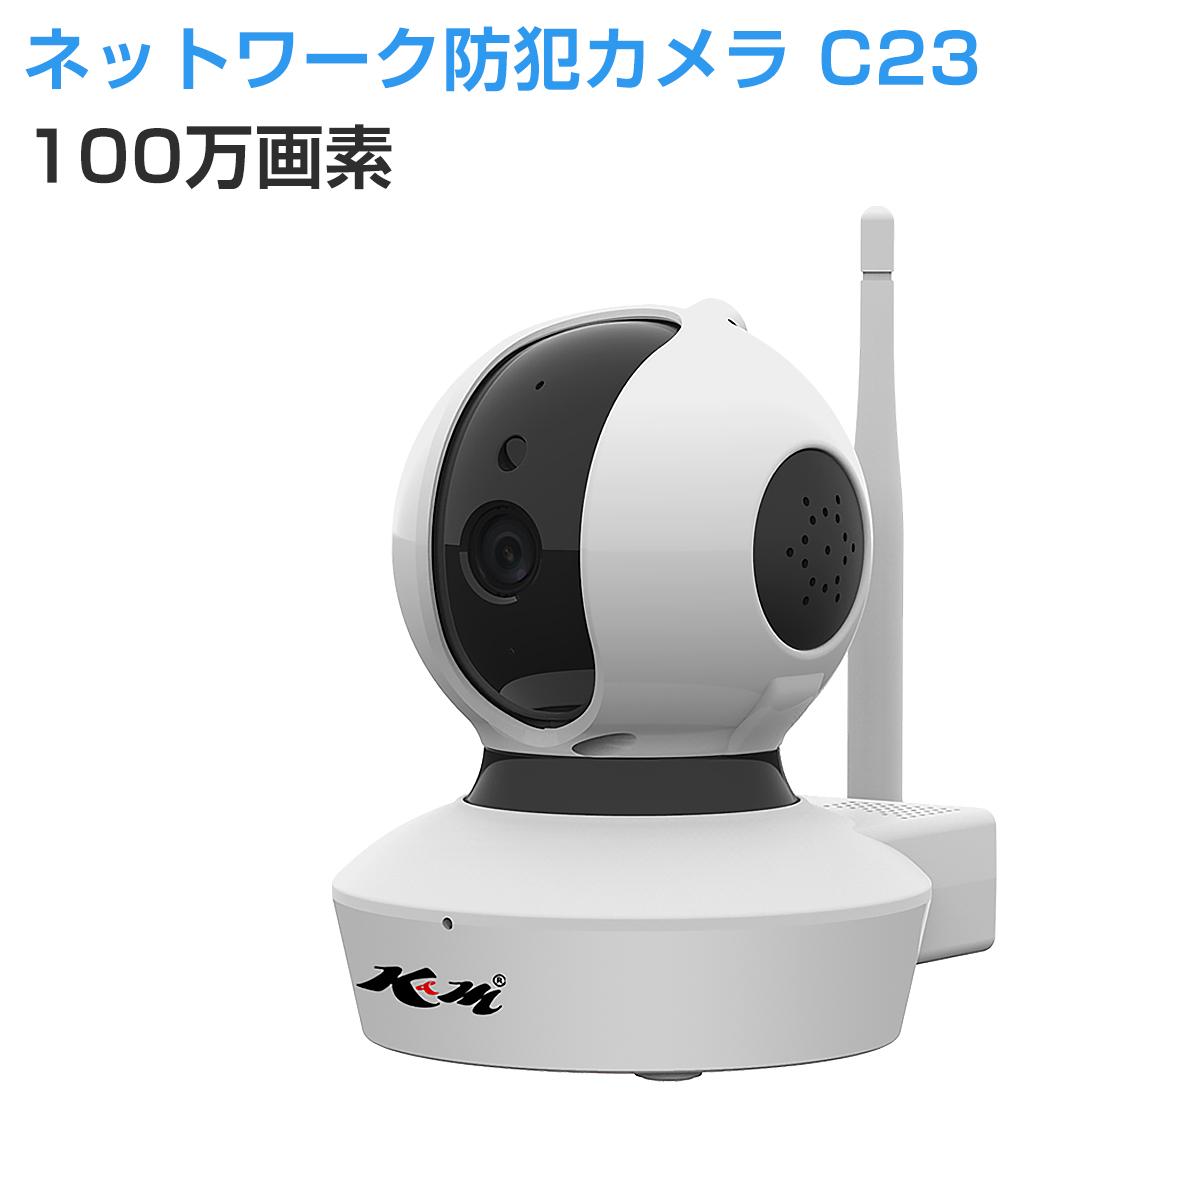 防犯カメラ 100万画素 C7823 新モデル ベビー ペットモニター VStarcam ワイヤレス 無線WIFI MicroSDカード録画 電源繋ぐだけ 屋内用 監視 ネットワーク IP WEB カメラ 宅配便送料無料 PSE 技適 1年保証 K&M